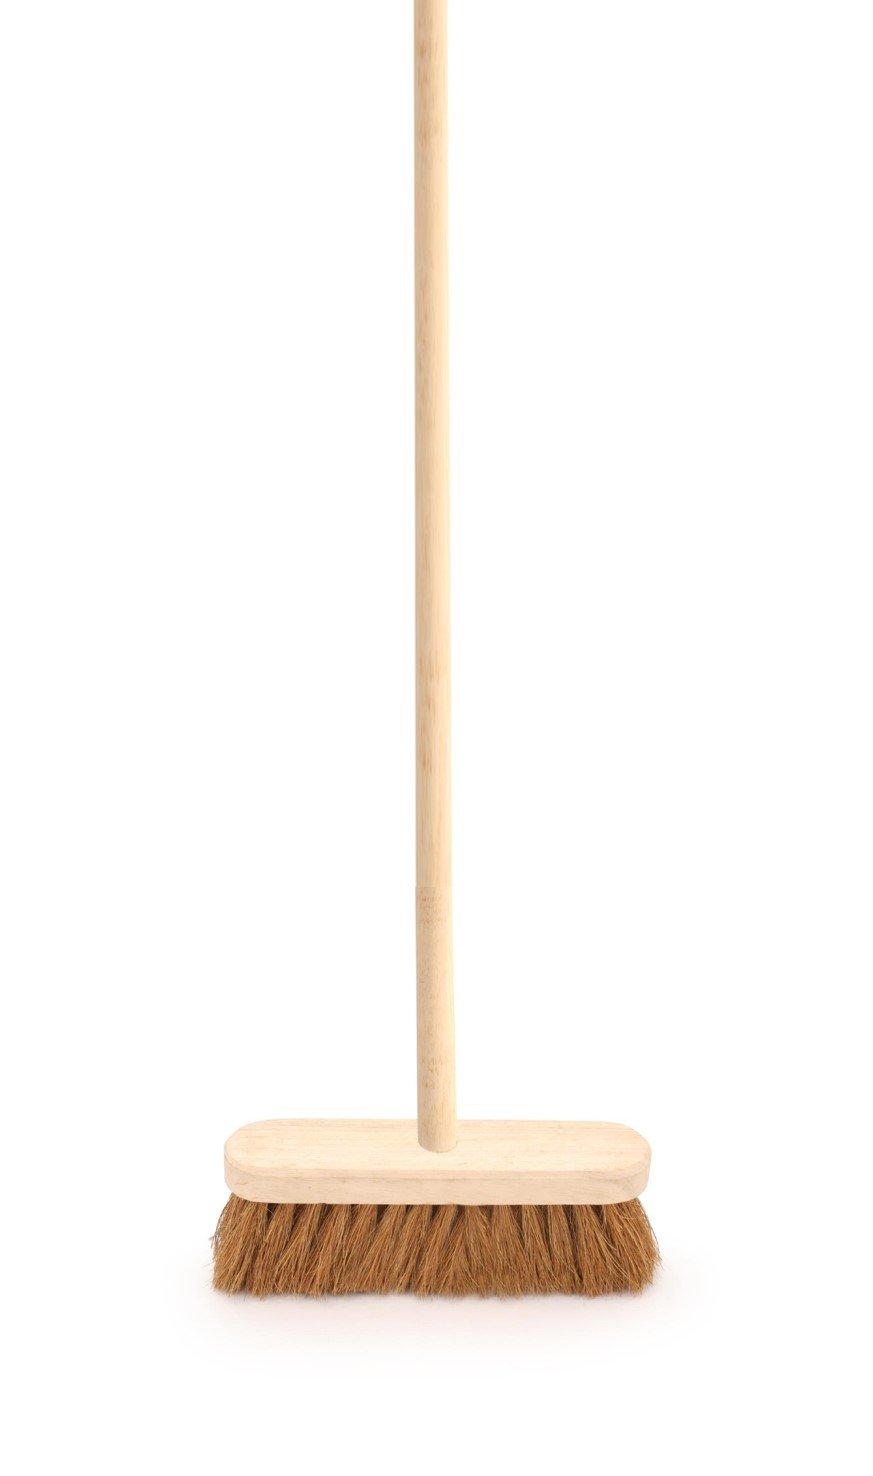 The Dustpan and Brush Store Balai d'inté rieur avec poigné e souple 25, 4 cm en bois naturel Coco Balai 4cm en bois naturel Coco Balai